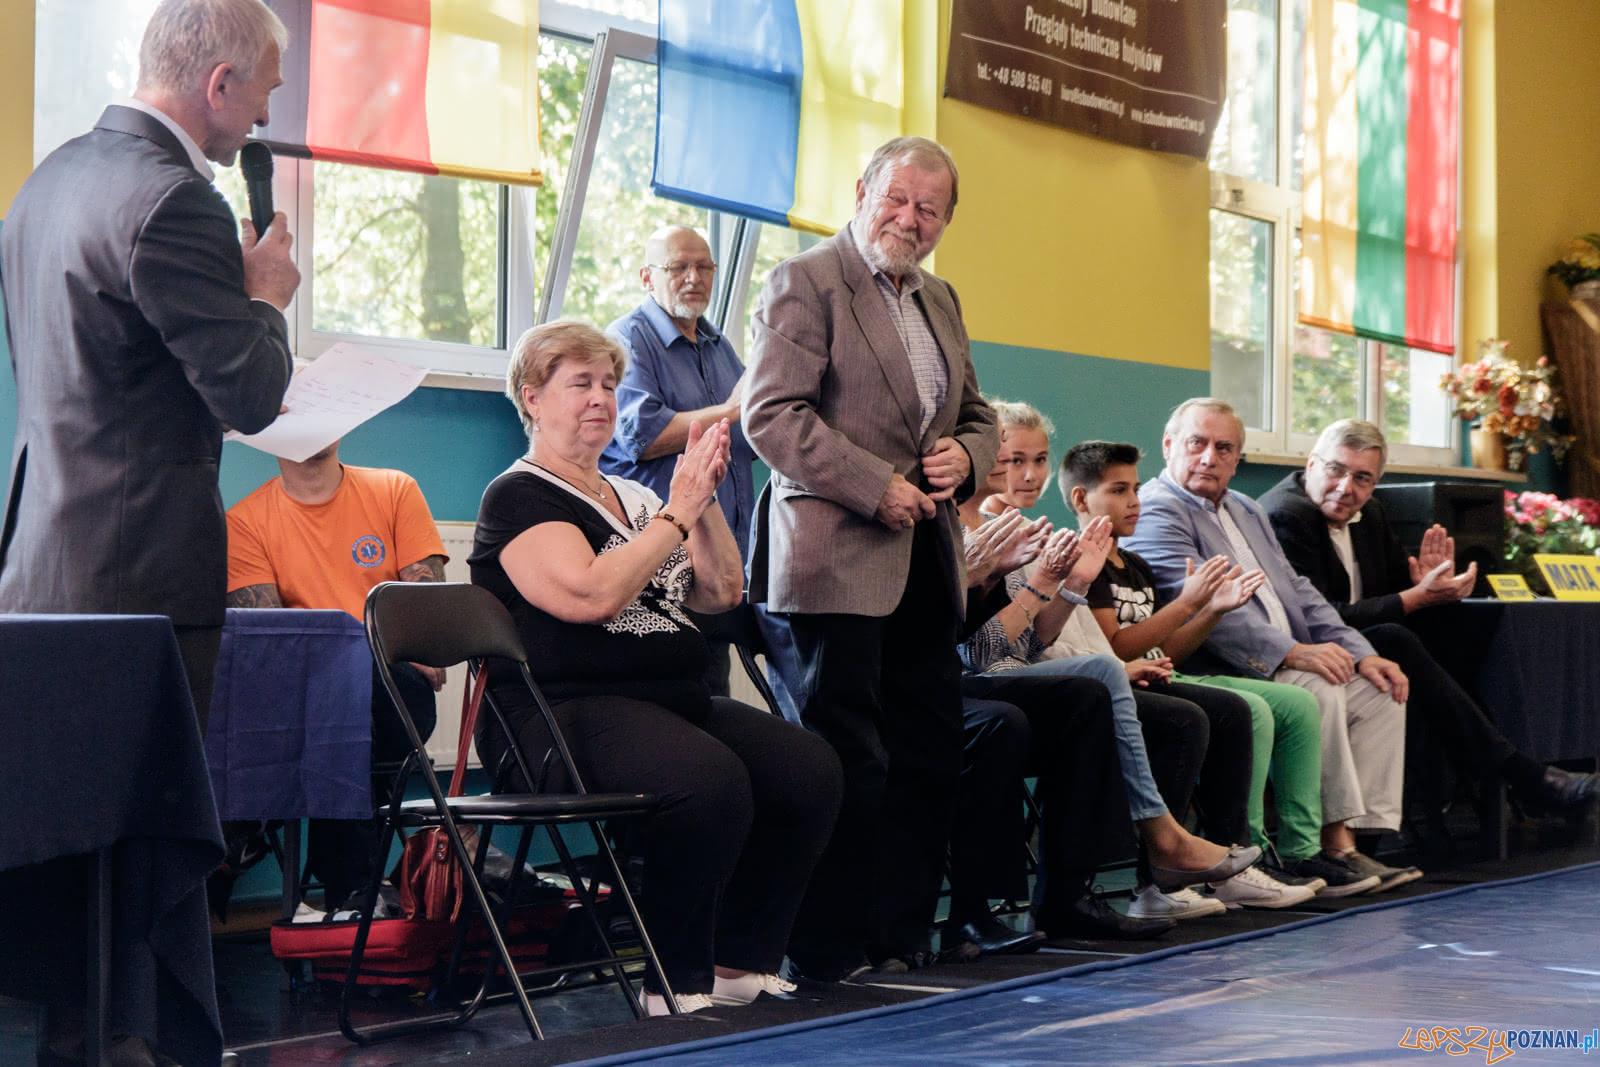 XII Międzynarodowy Turniej o Memoriał Józefa Moczyńskiego Za  Foto: lepszyPOZNAN.pl / Ewelina Jaśkowiak